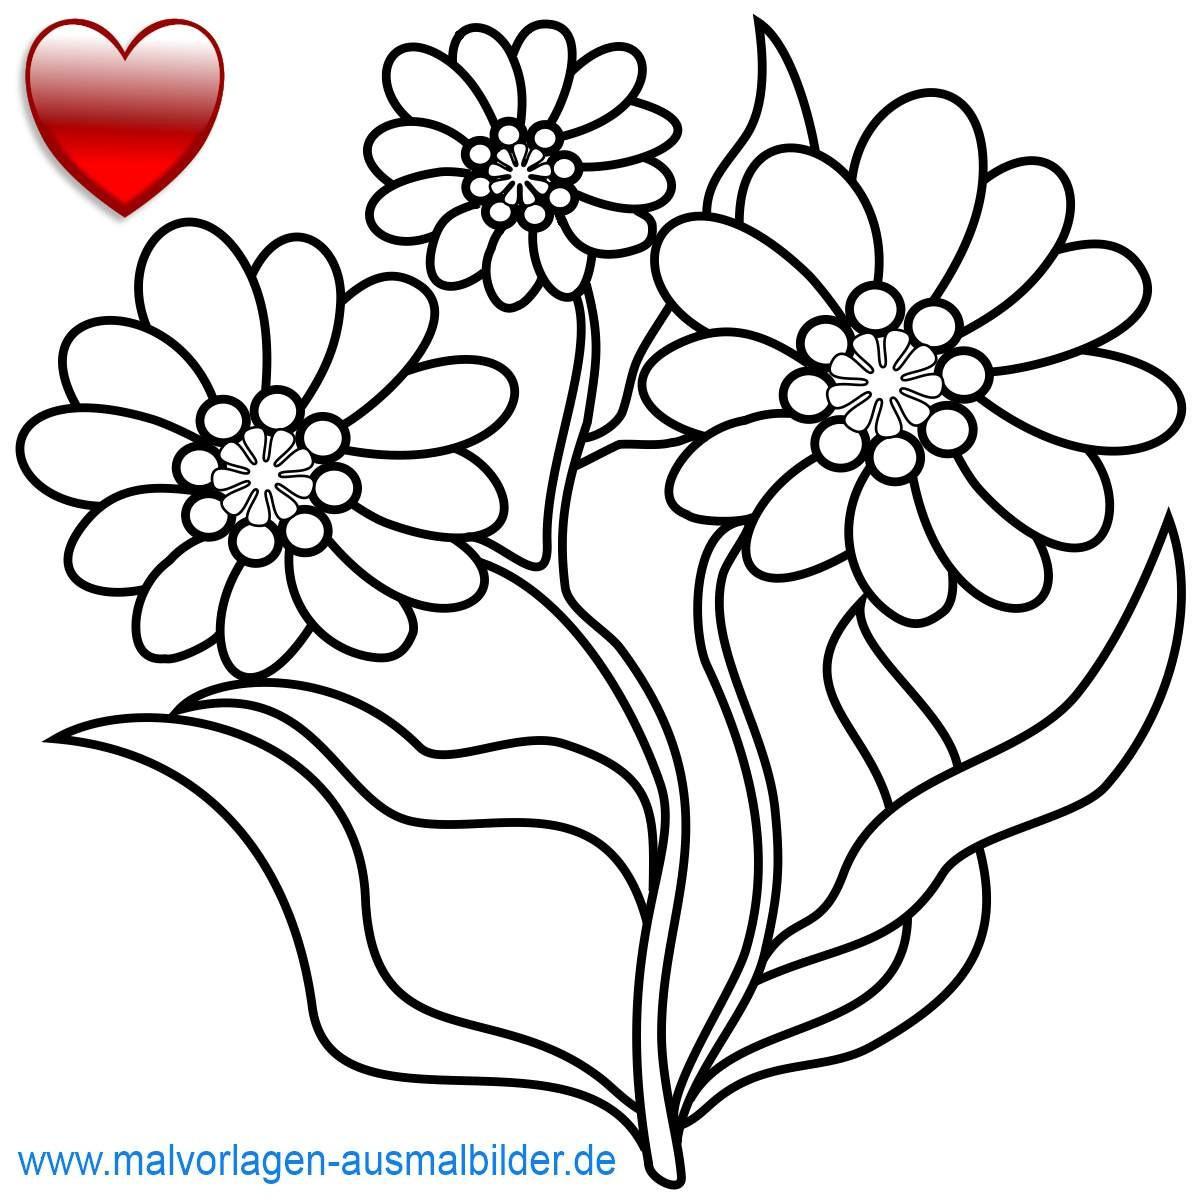 Ausmalbilder Rosen Mit Herz Das Beste Von 90 Inspirierend Ausmalbilder Rosen Mit Herz Bilder Galerie